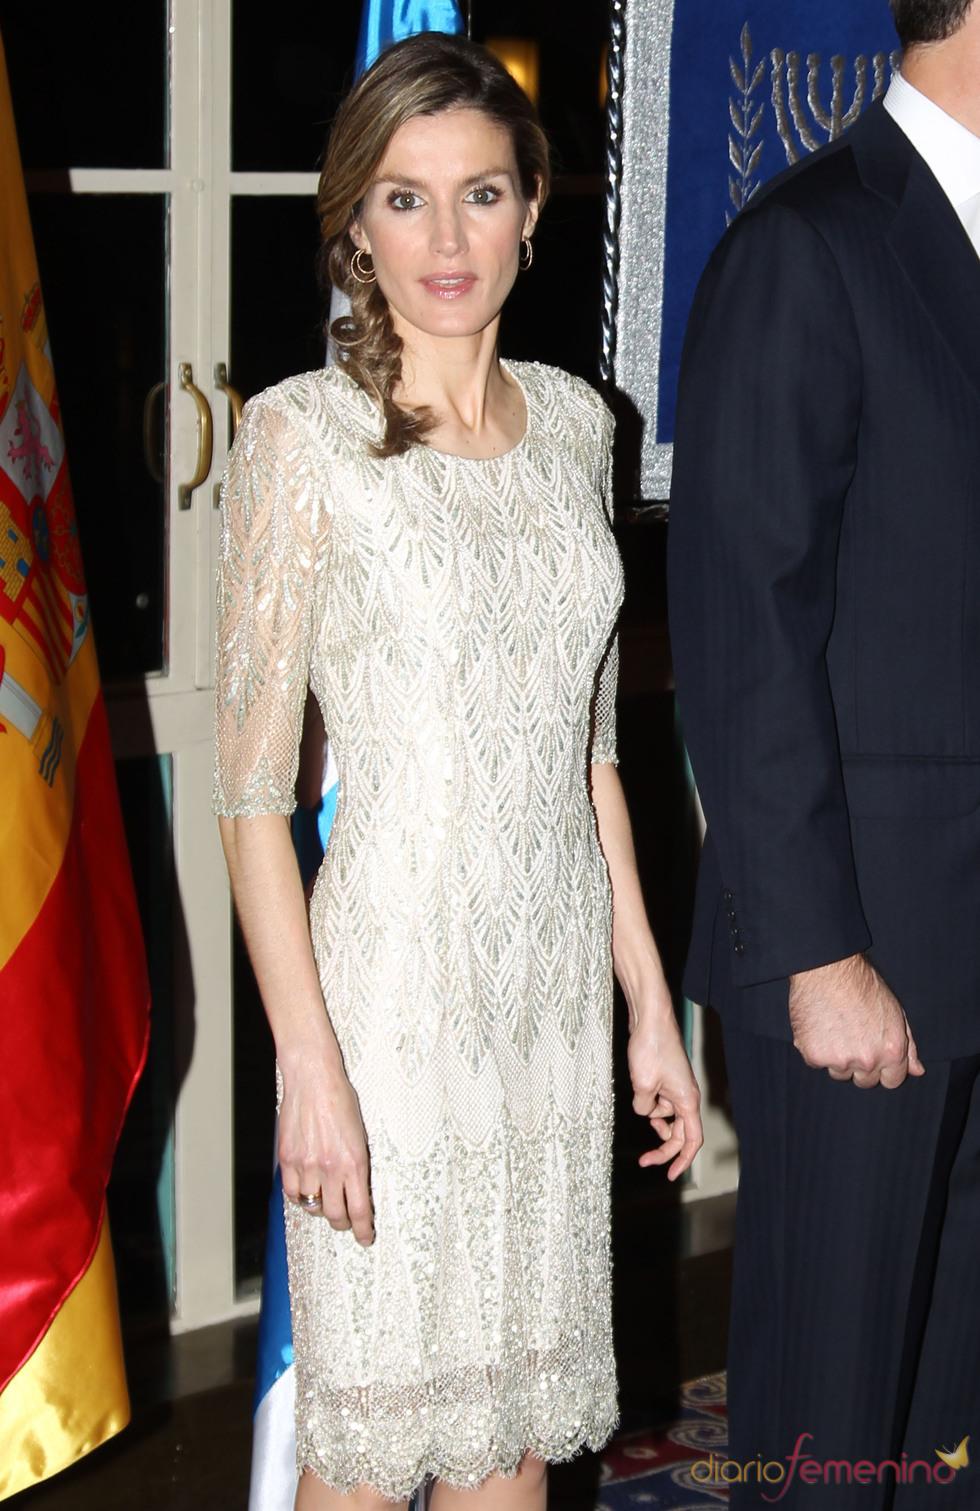 El 'look' de la Princesa Letizia en la cena de gala de Israel